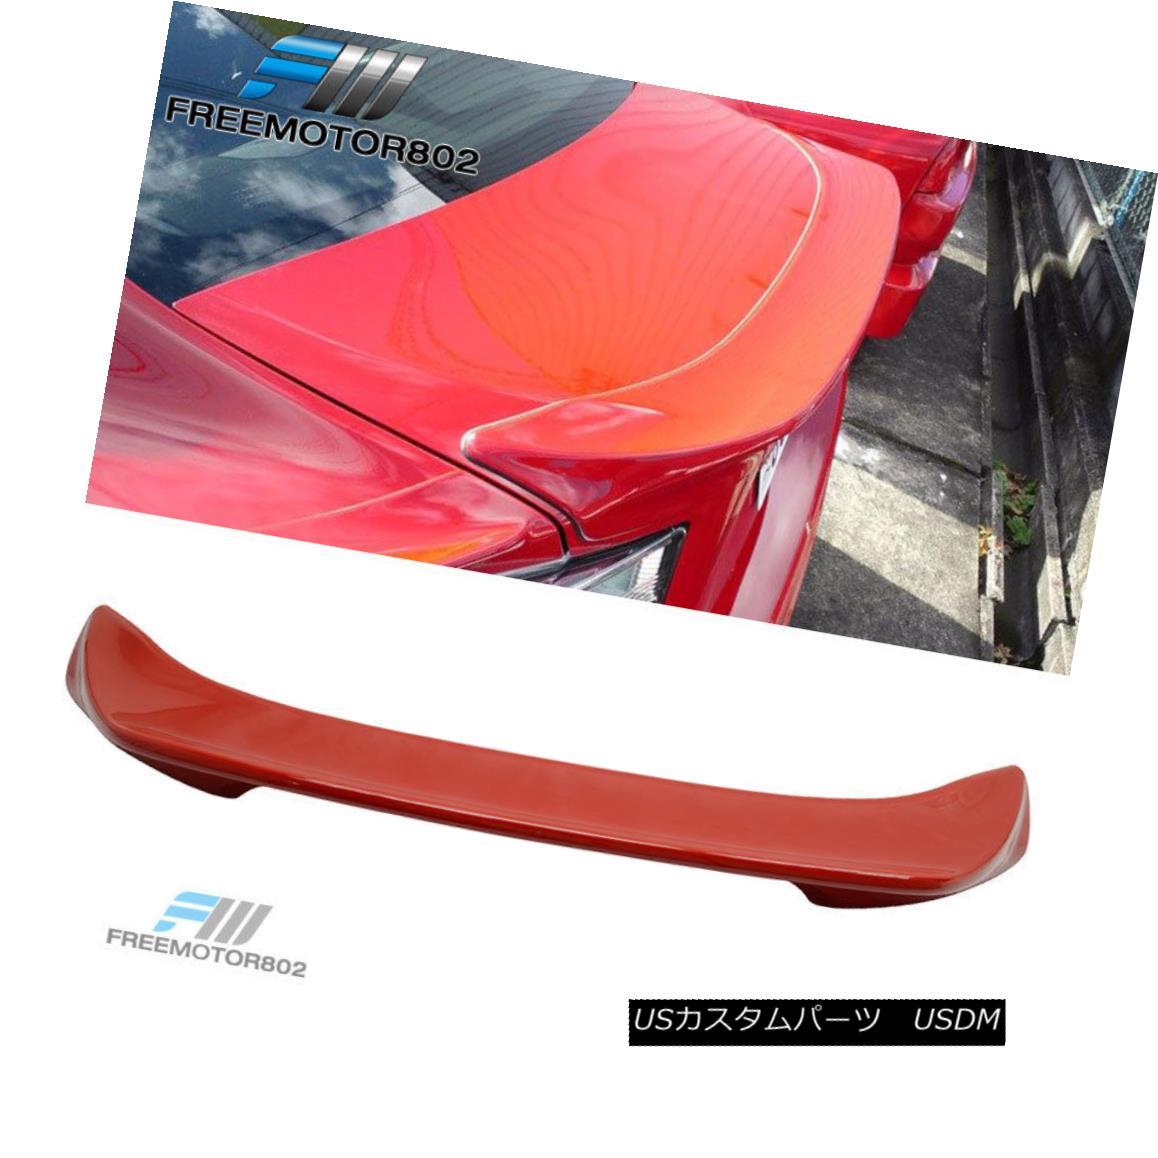 エアロパーツ Fit 13-15 Scion FRS Subaru BRZ TR Painted Trunk Spoiler Red Firestorm #C7P フィット13-15シオンFRSスバルBRZ TR塗装トランクスポイラーレッドファイアストーム#C7P